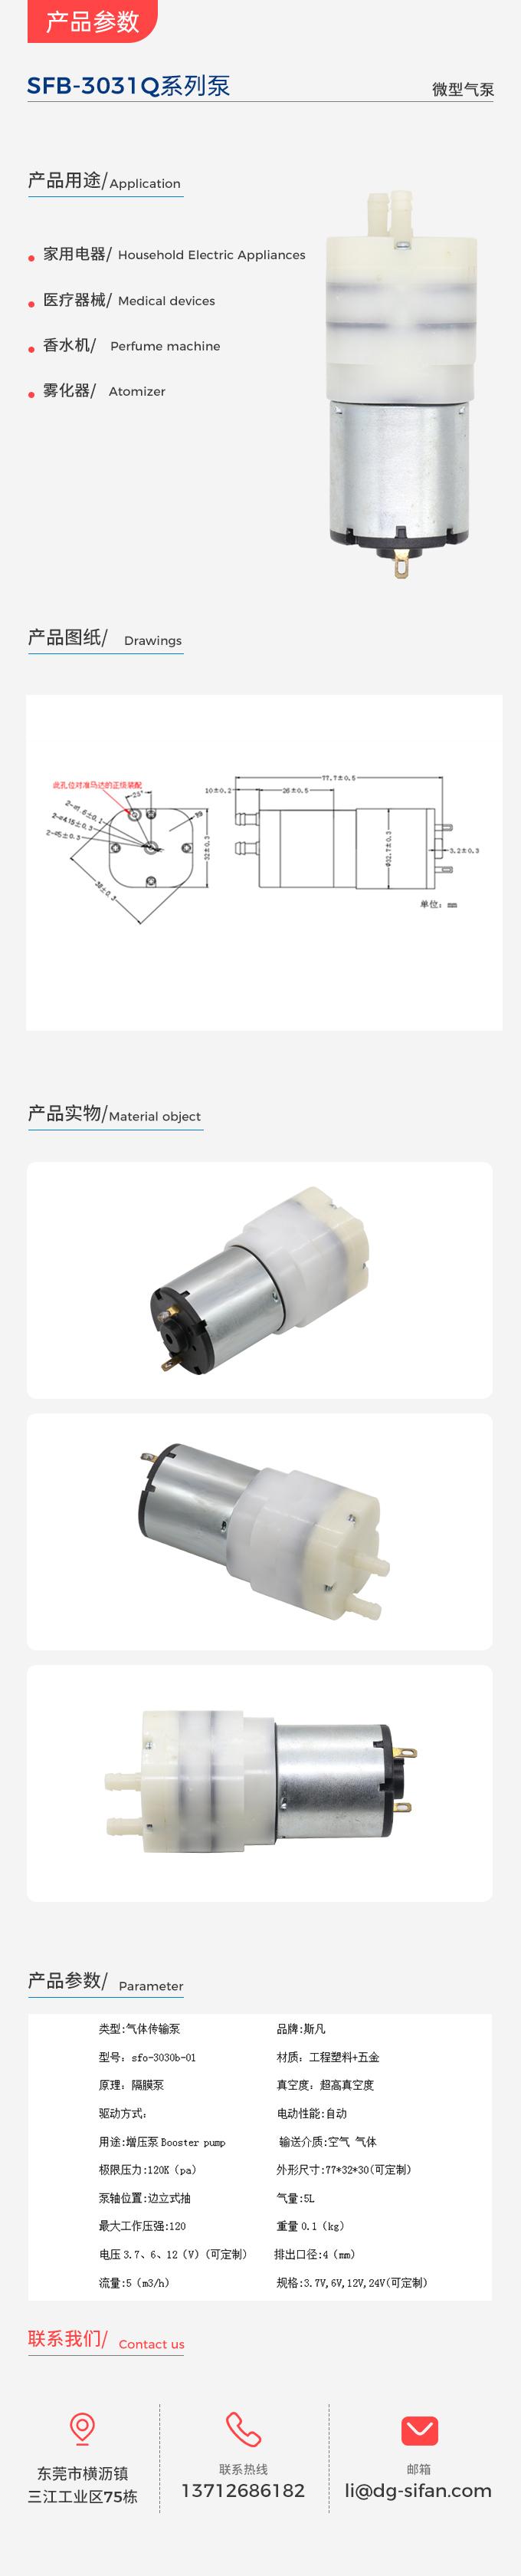 SFB-3031Q-001.jpg